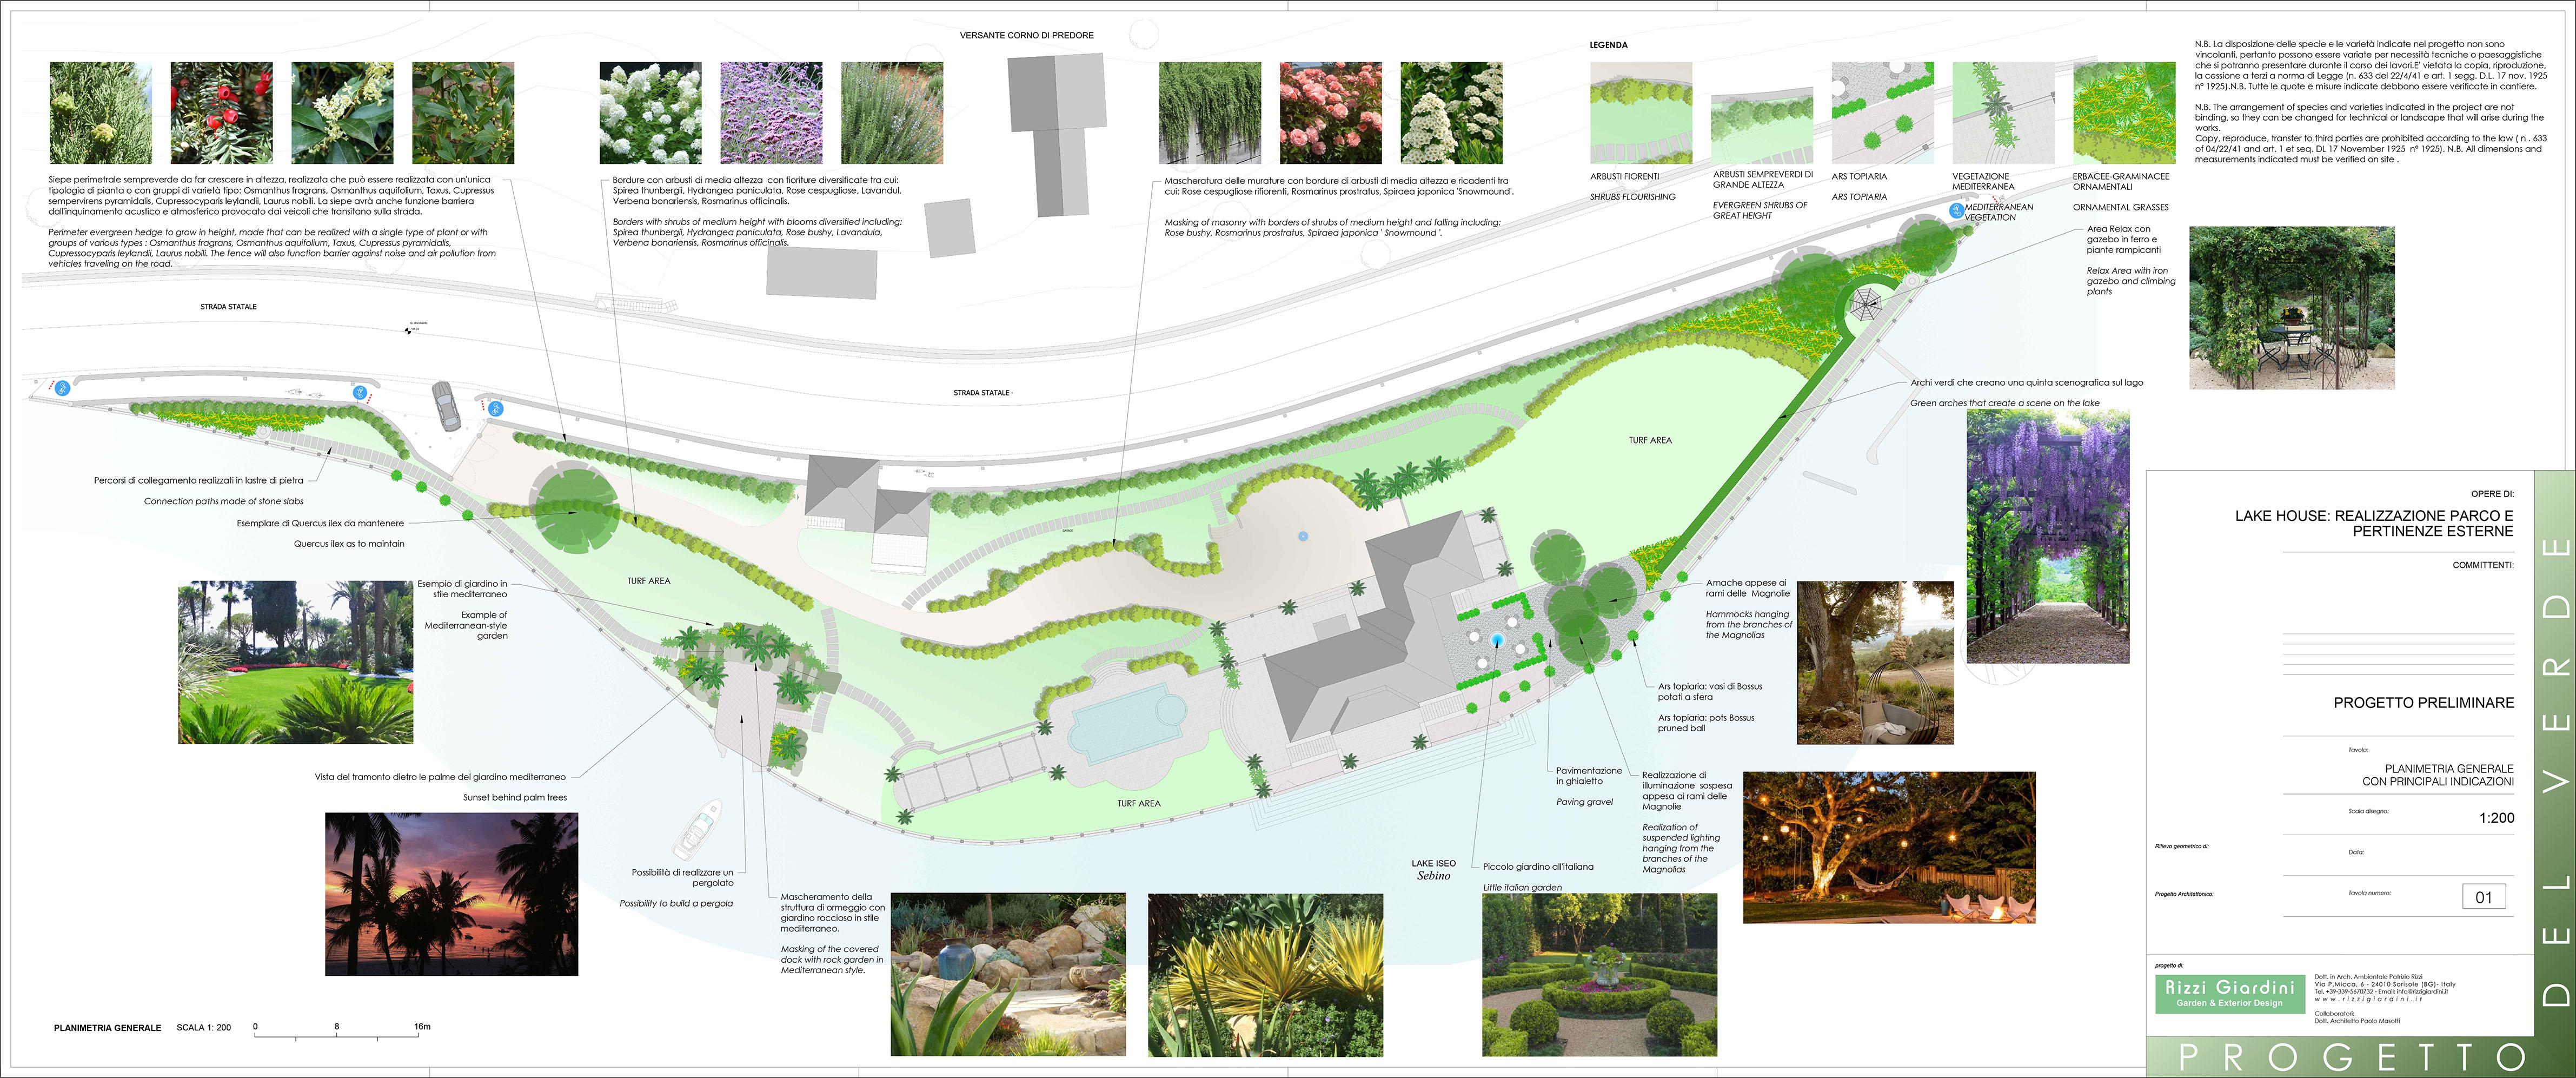 Progettazione parco villa con piscina lago iseo - Progetto per giardino ...